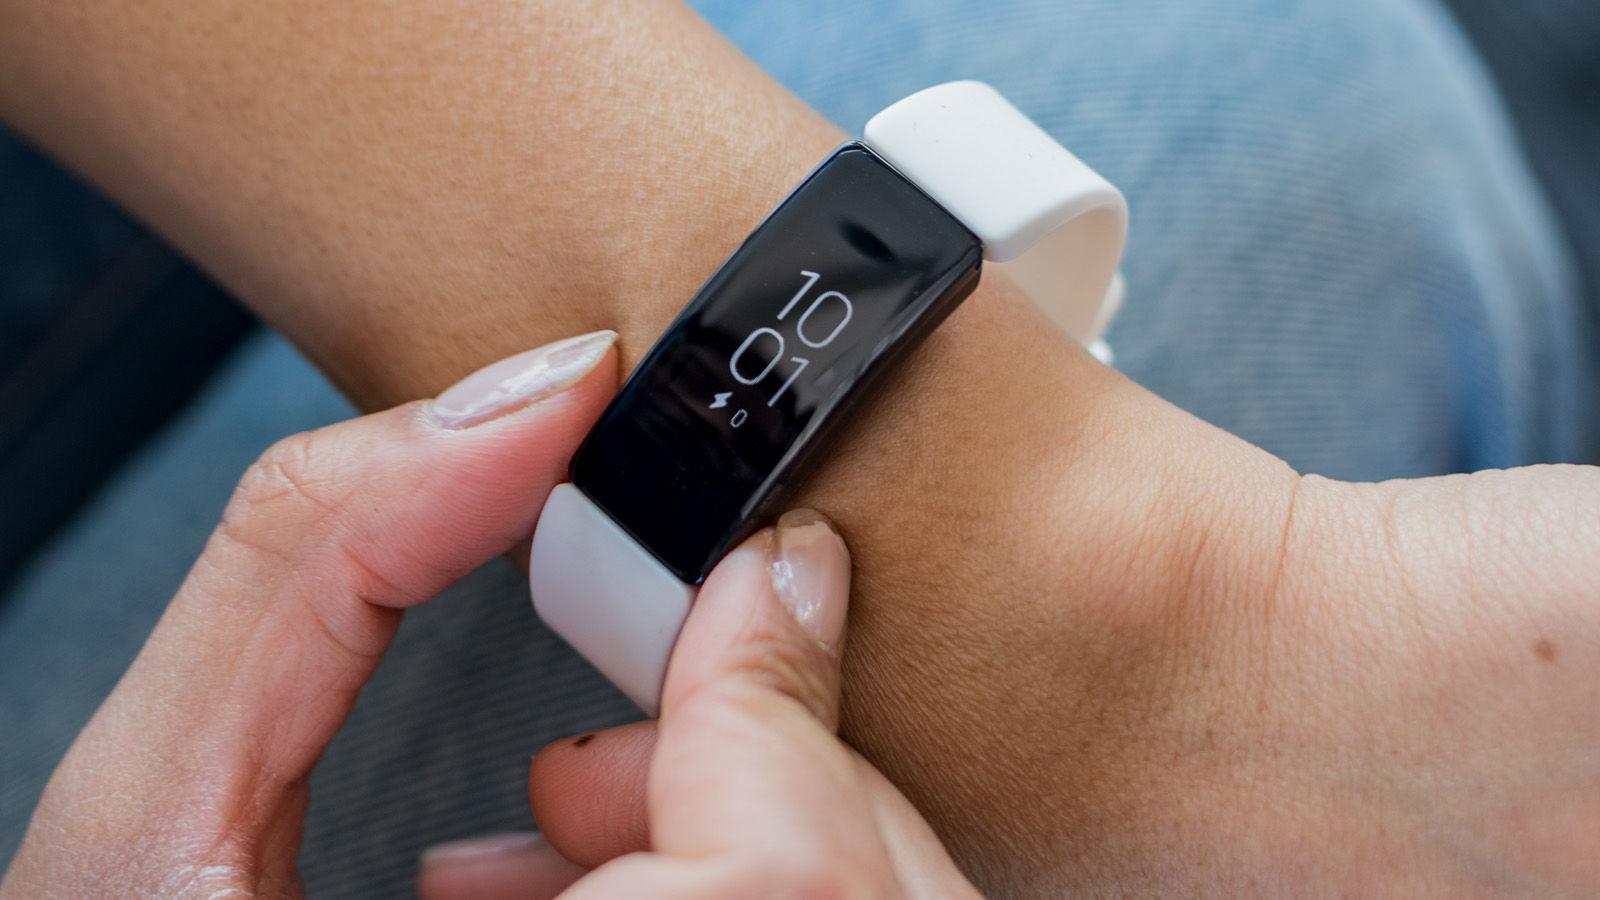 睡眠を本当に改善したい?体調管理に特化したスマートウォッチ。